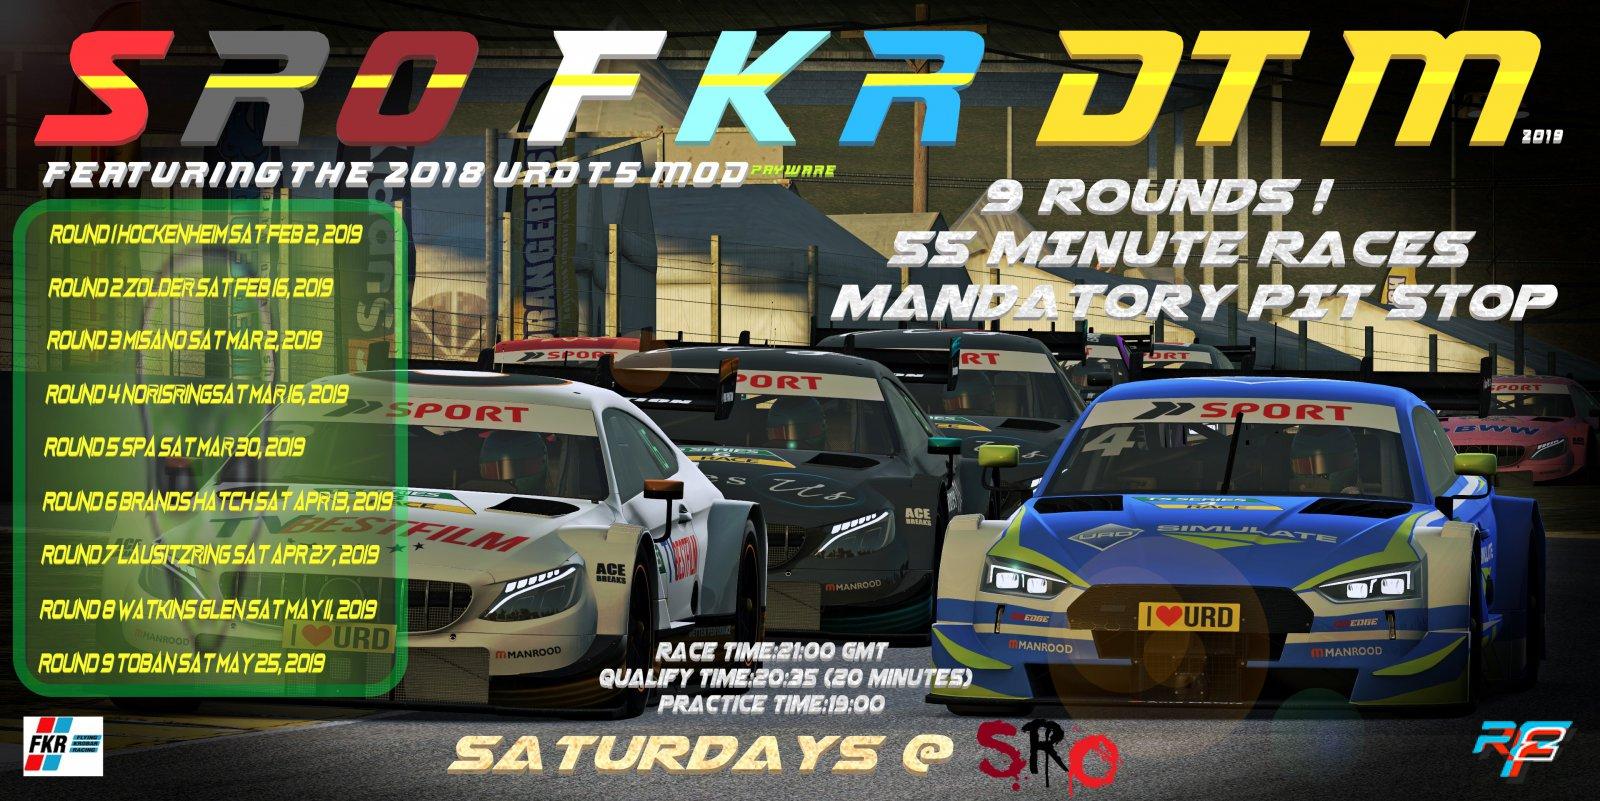 rFactor 2 - SRO FKR 2019 DTM Info | Sim Racing Online